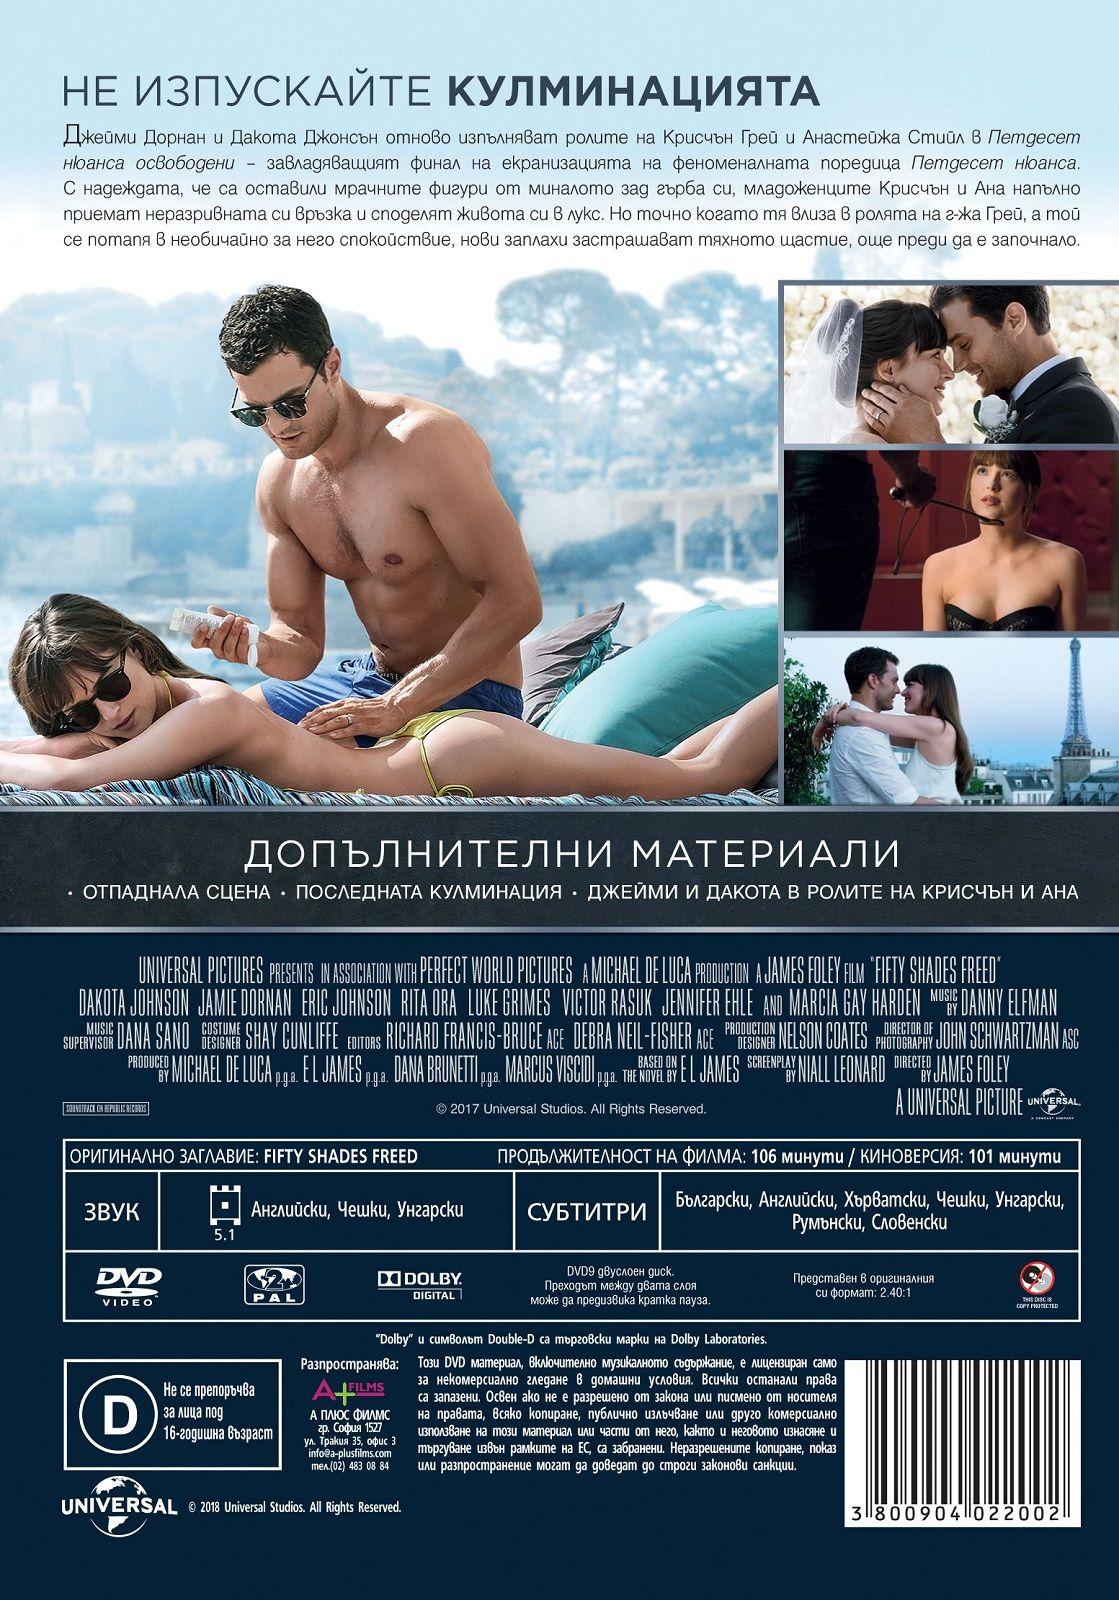 Петдесет нюанса освободени (DVD) - 2